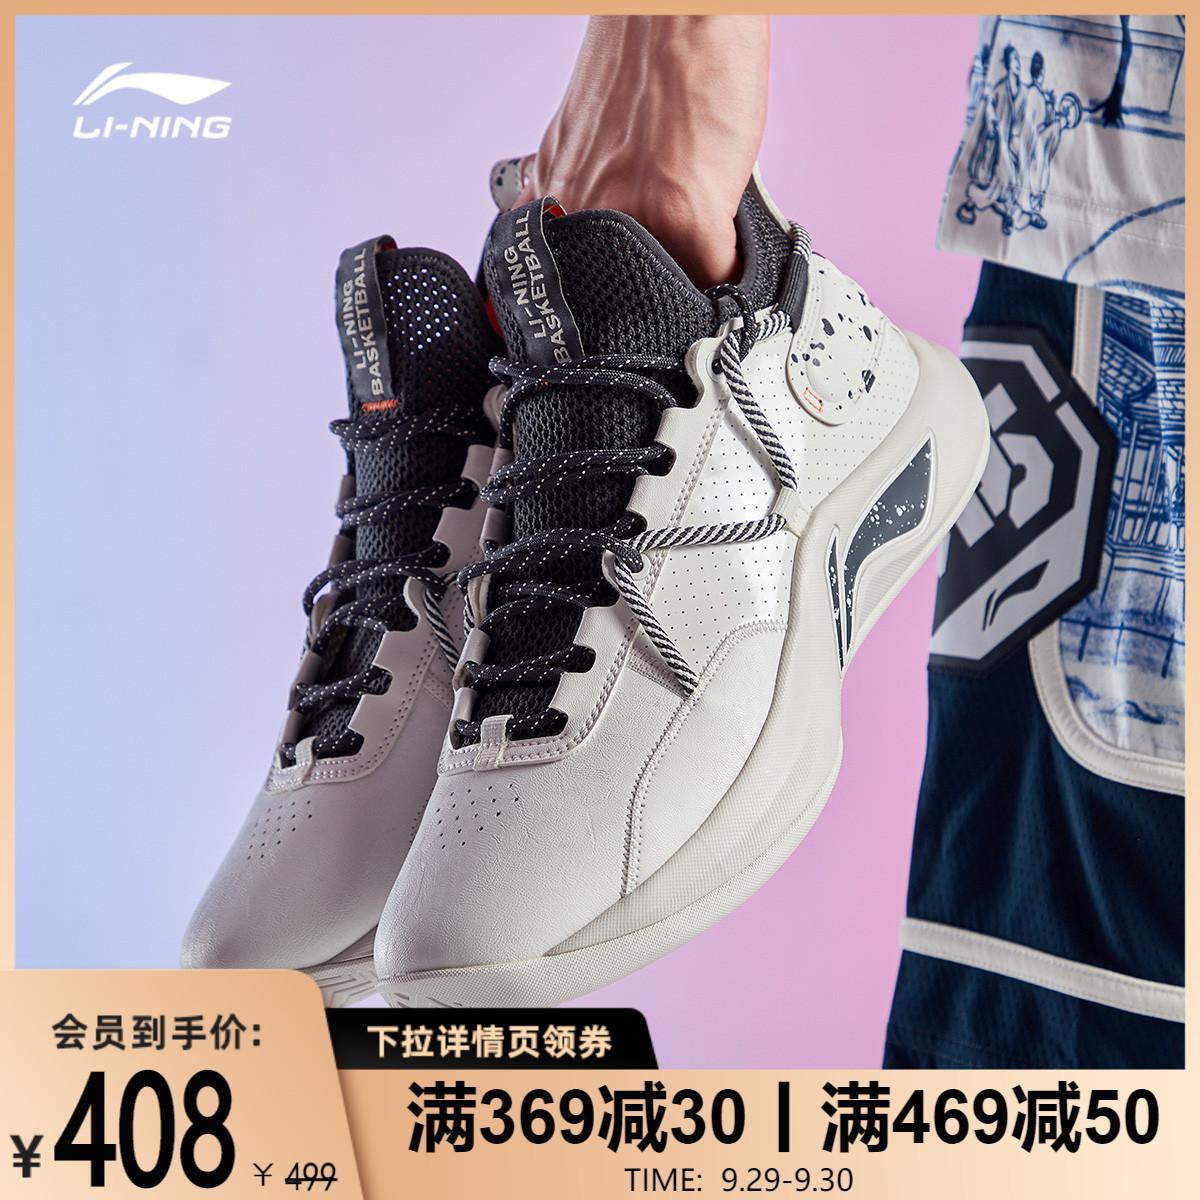 李宁篮球鞋官网体育男鞋闪击Team2020新款鞋子男士低帮运动鞋N